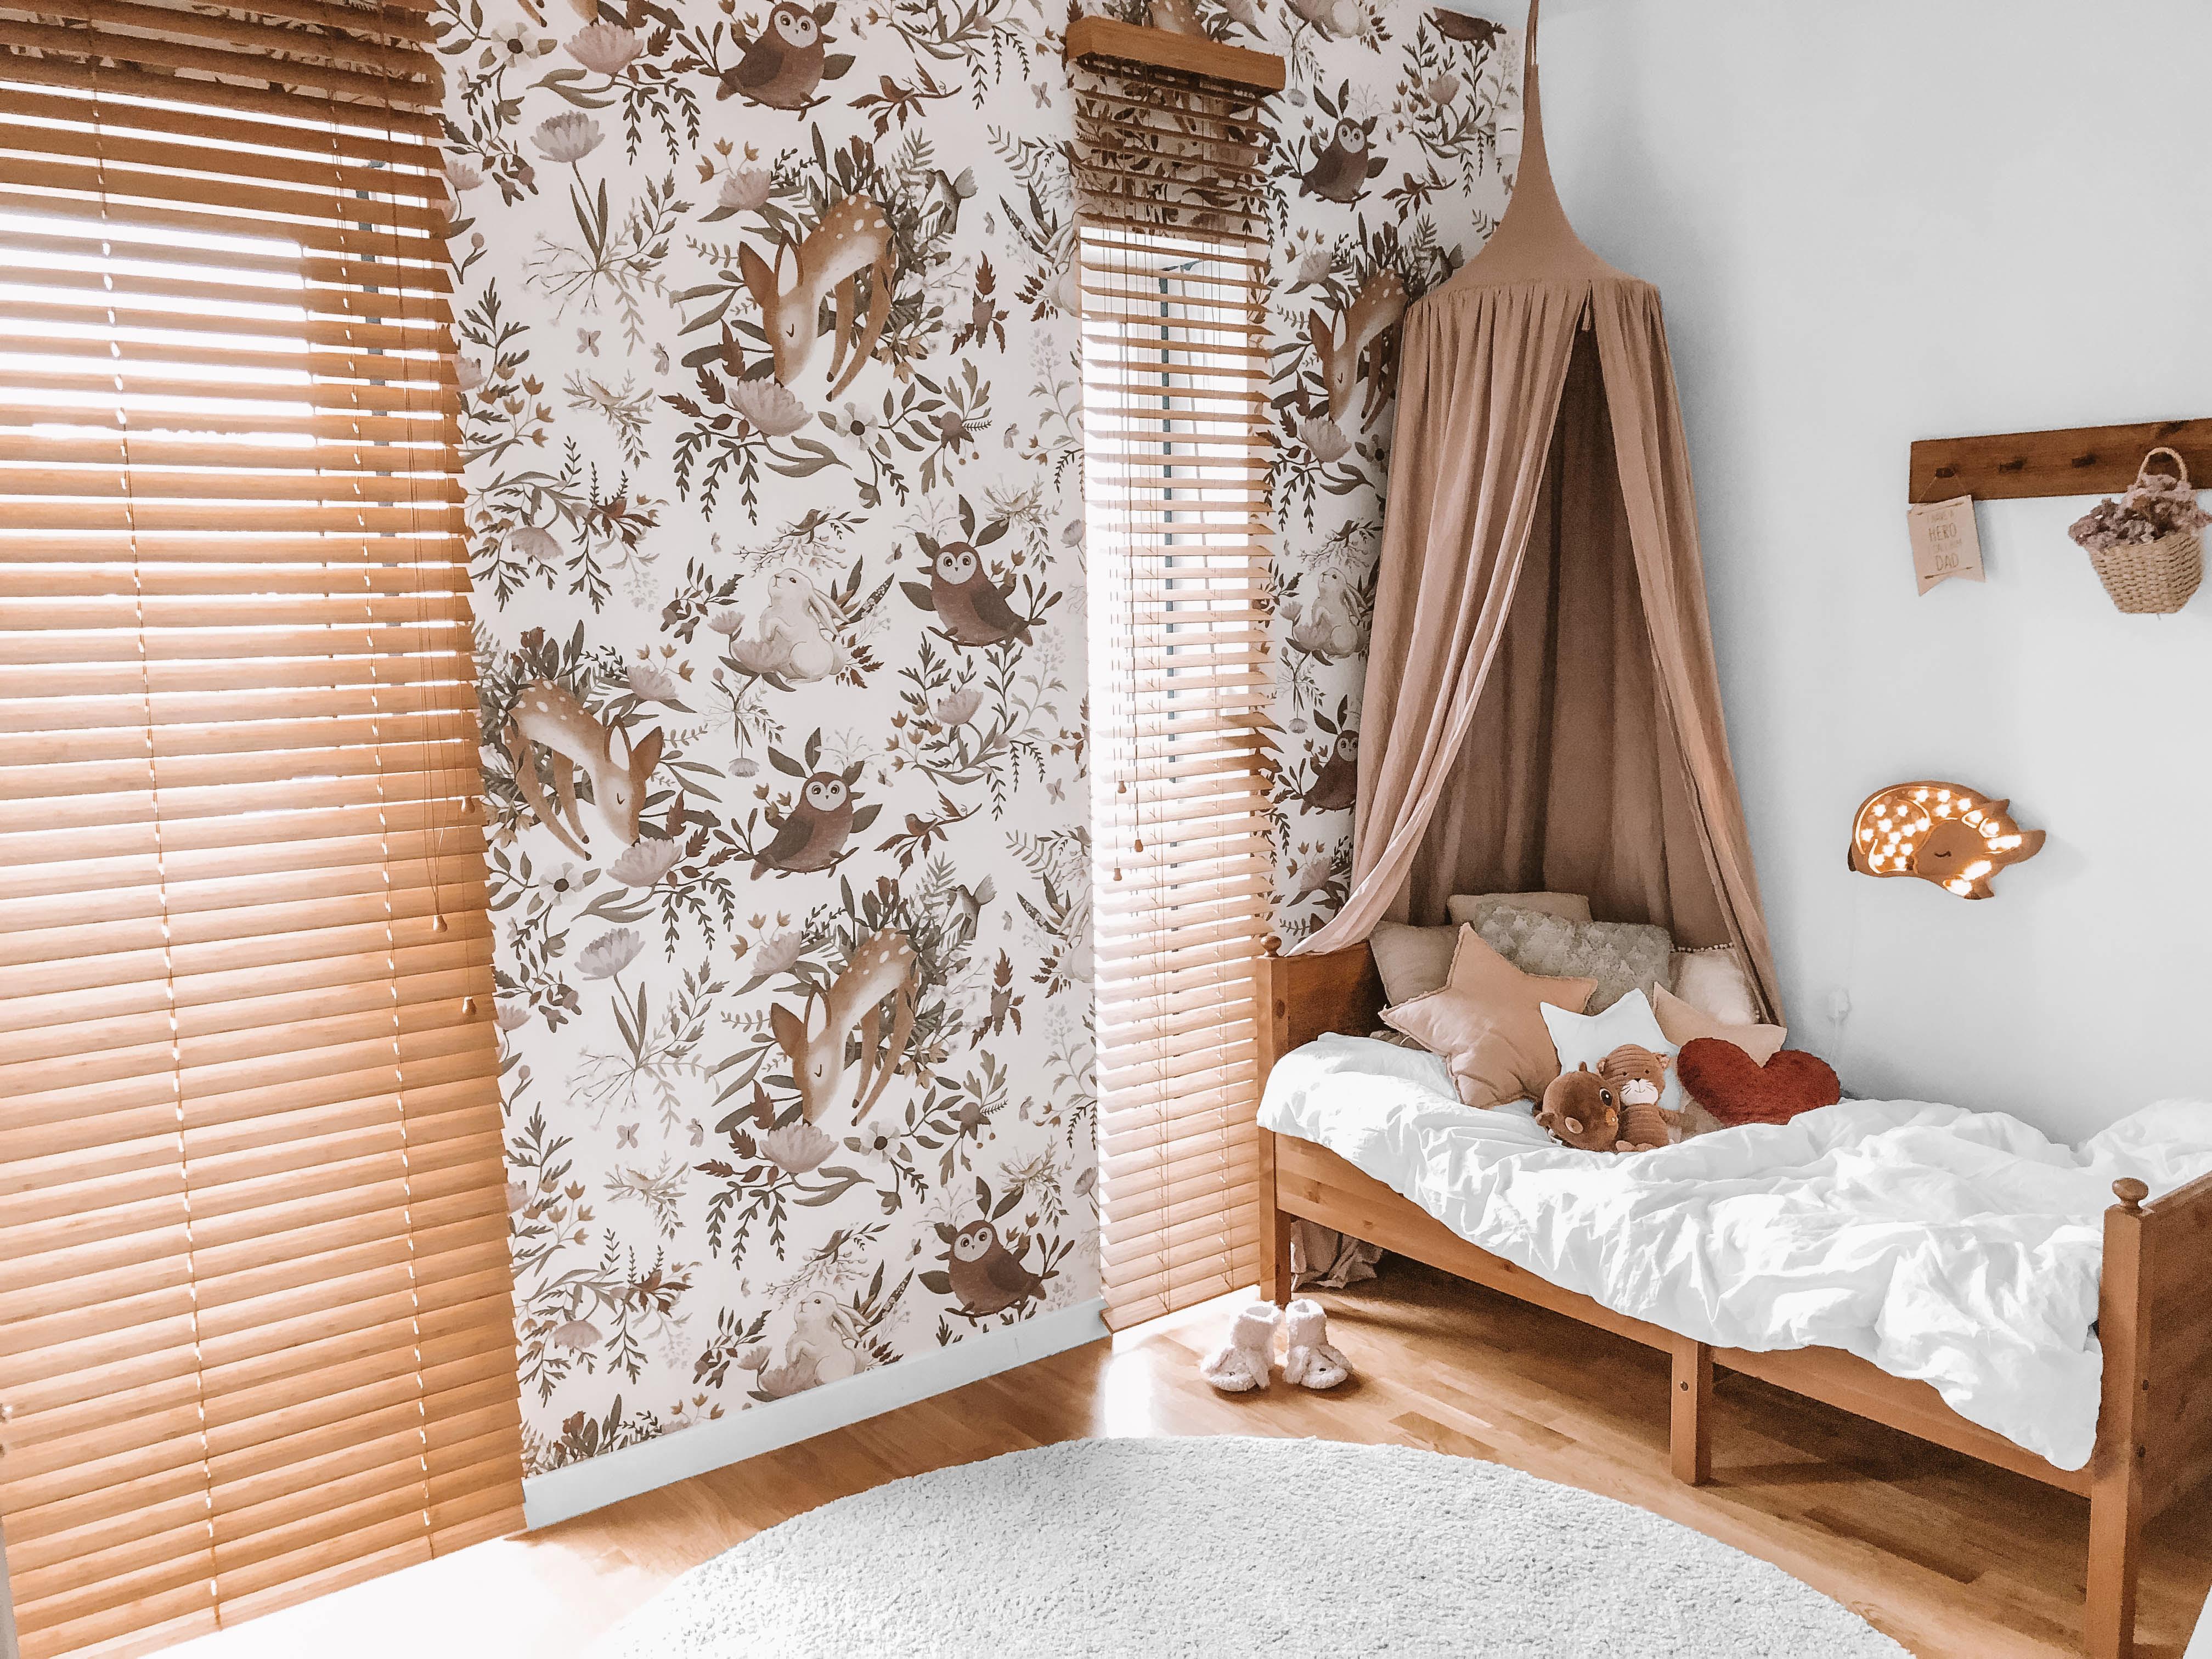 zaluzje bambusowe montowane do ściany